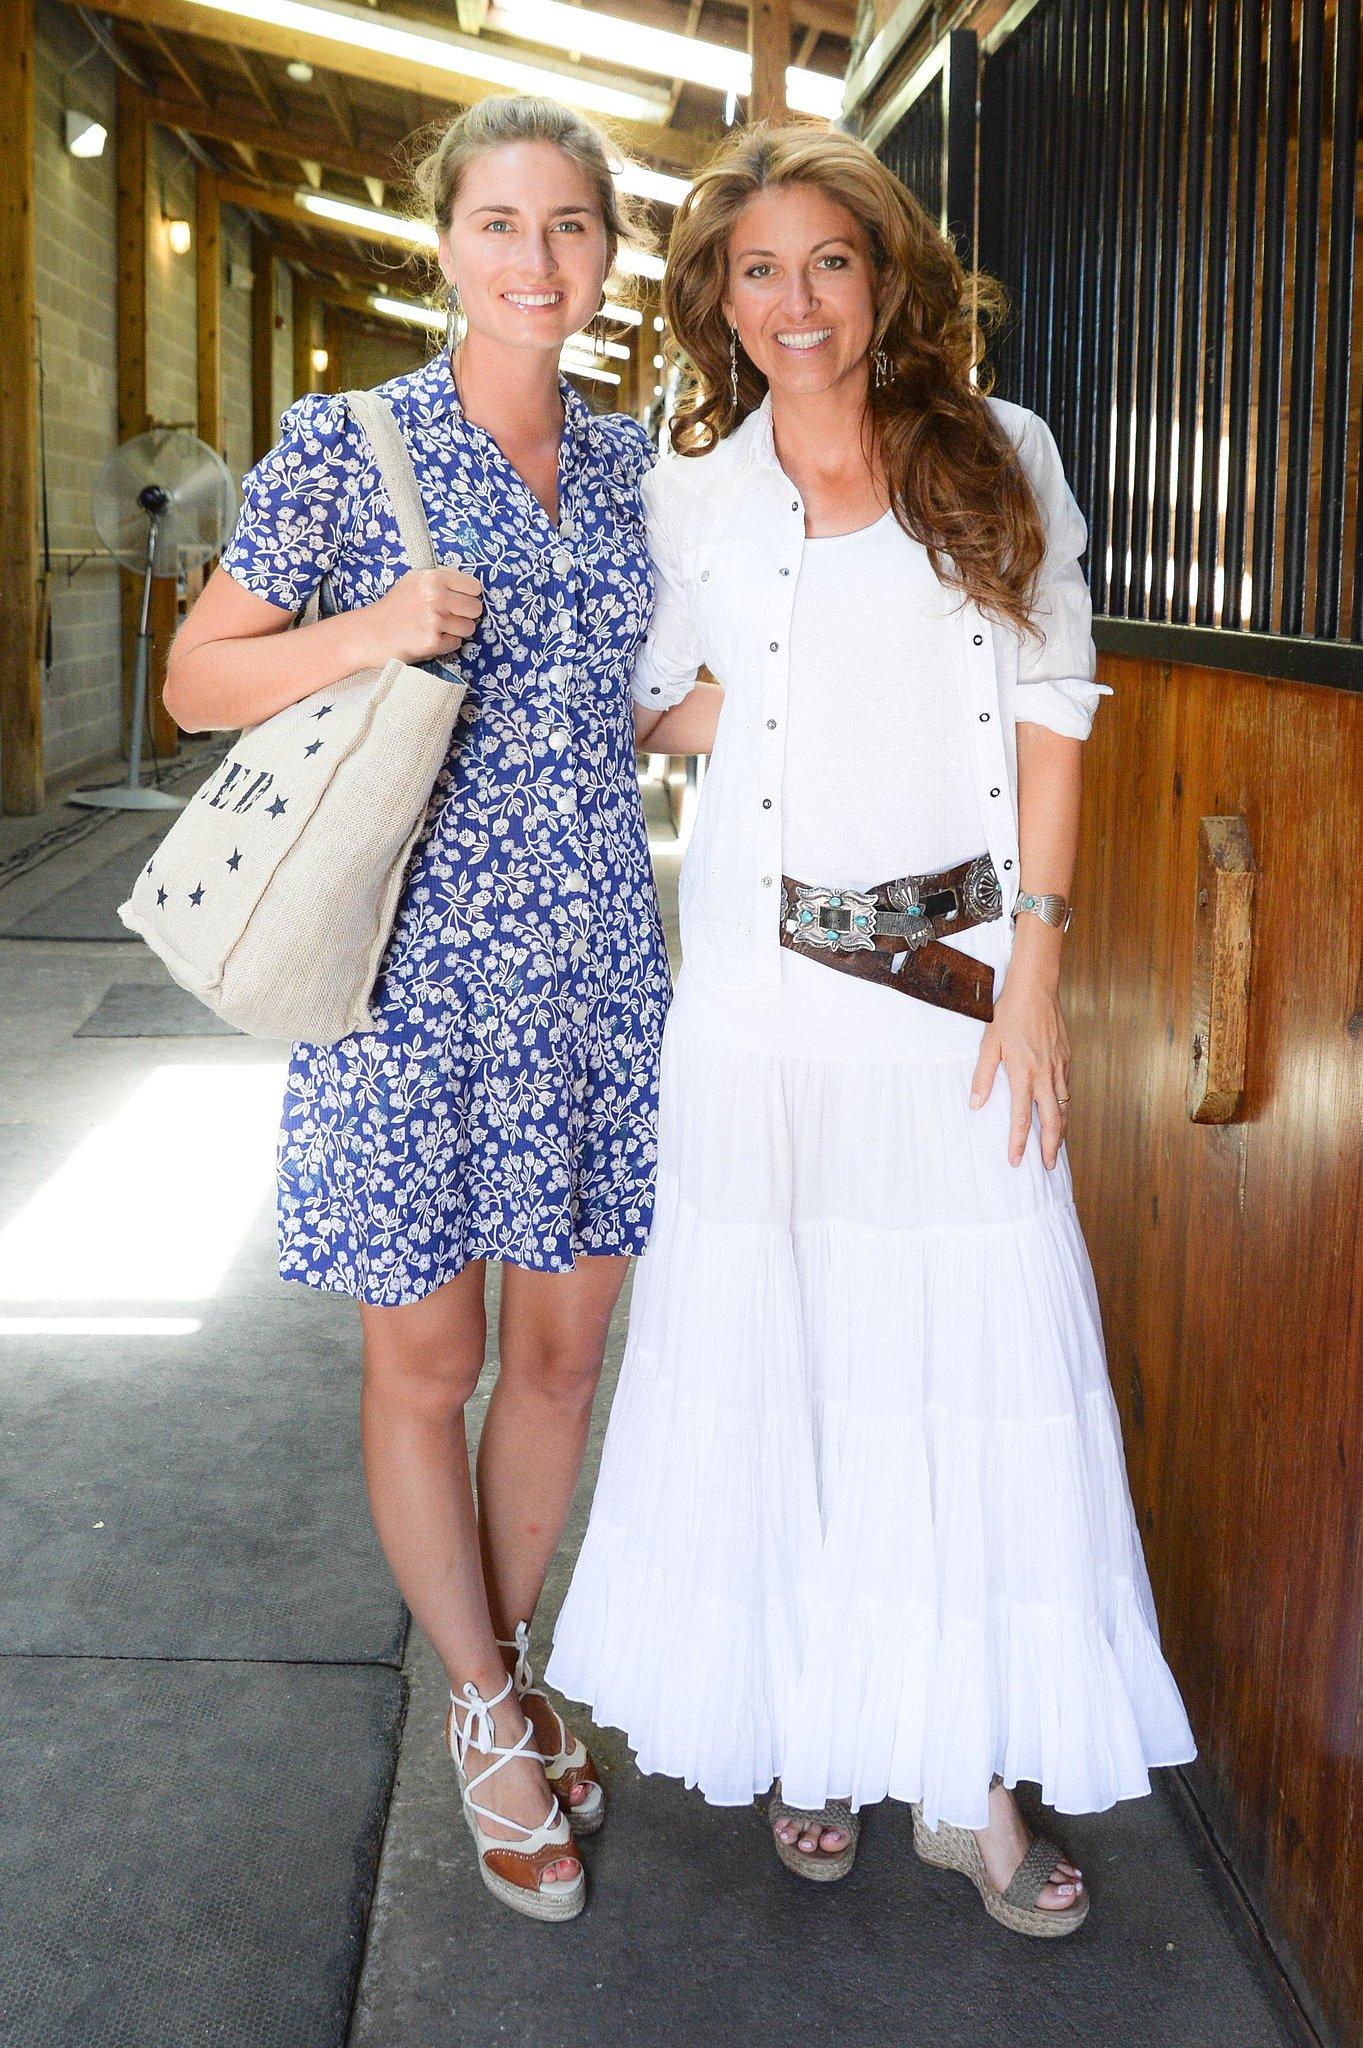 In Sagaponack, Lauren Bush Lauren and Dylan Lauren took in the adorable fashions at the Ralph Lauren Girls show.